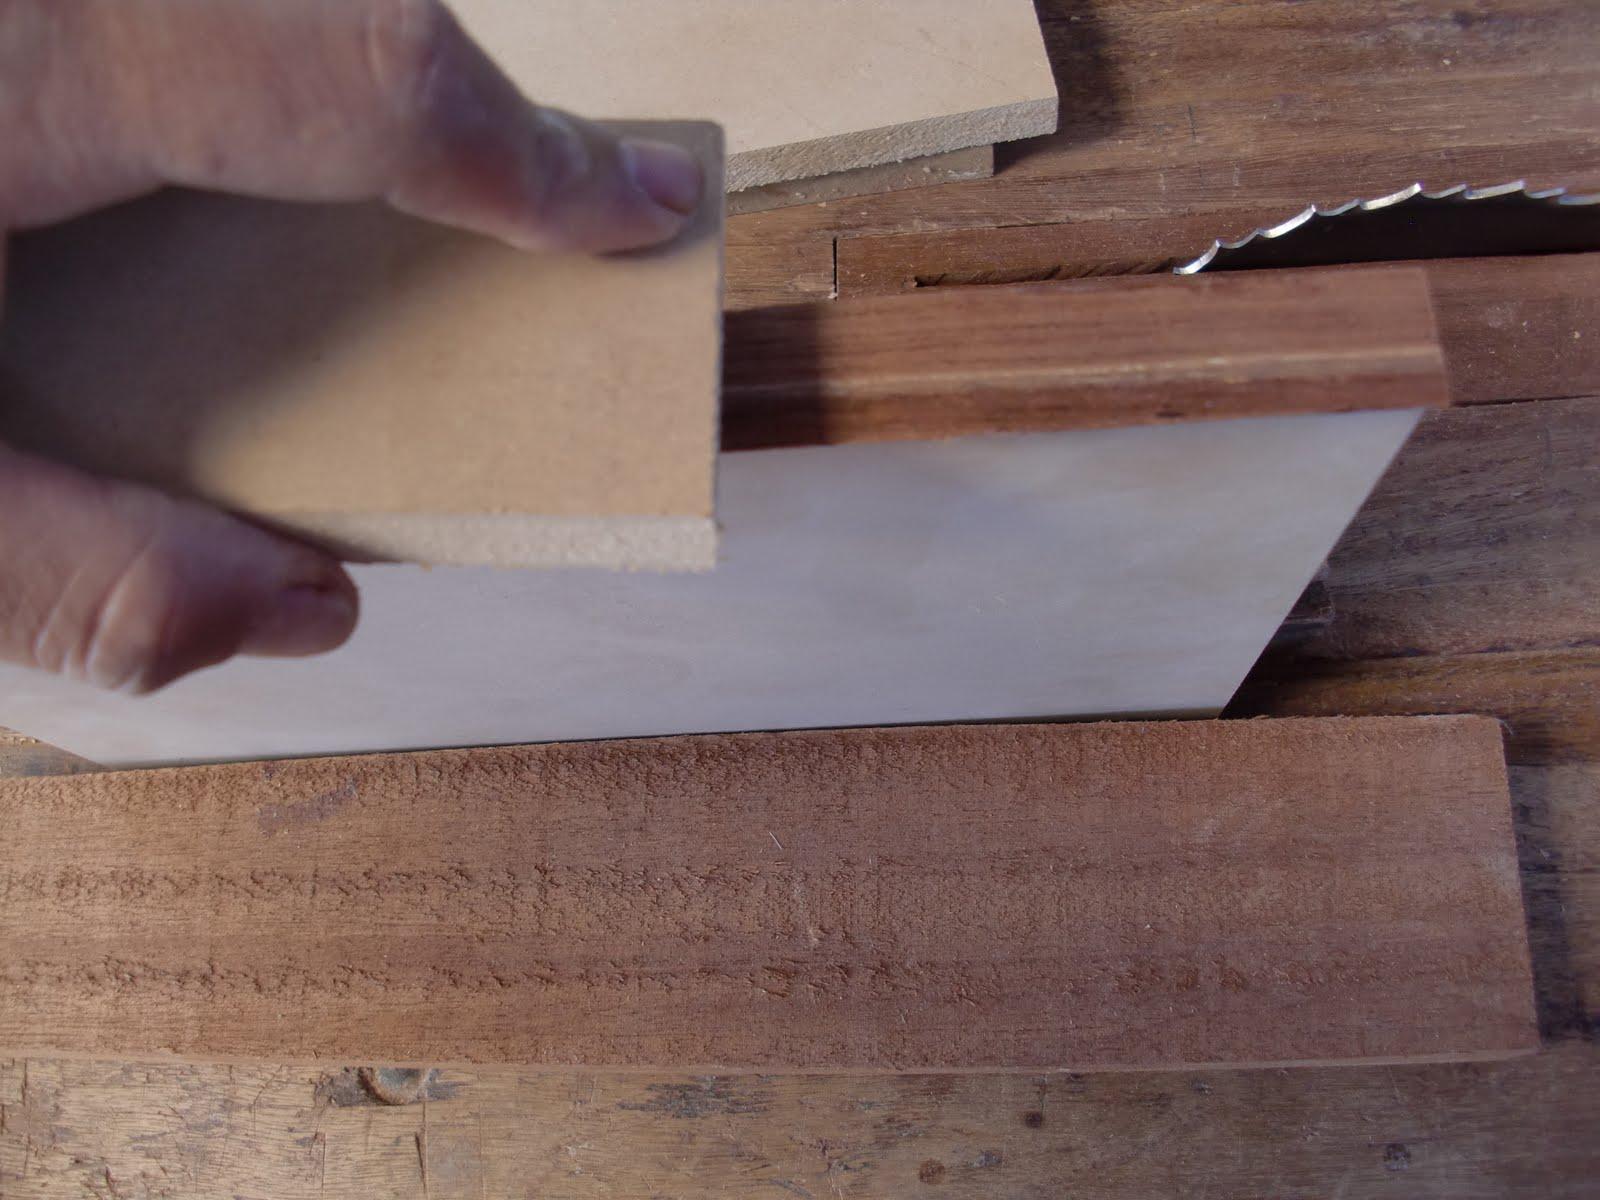 Laminas adhesivas para madera images - Laminas de madera ...